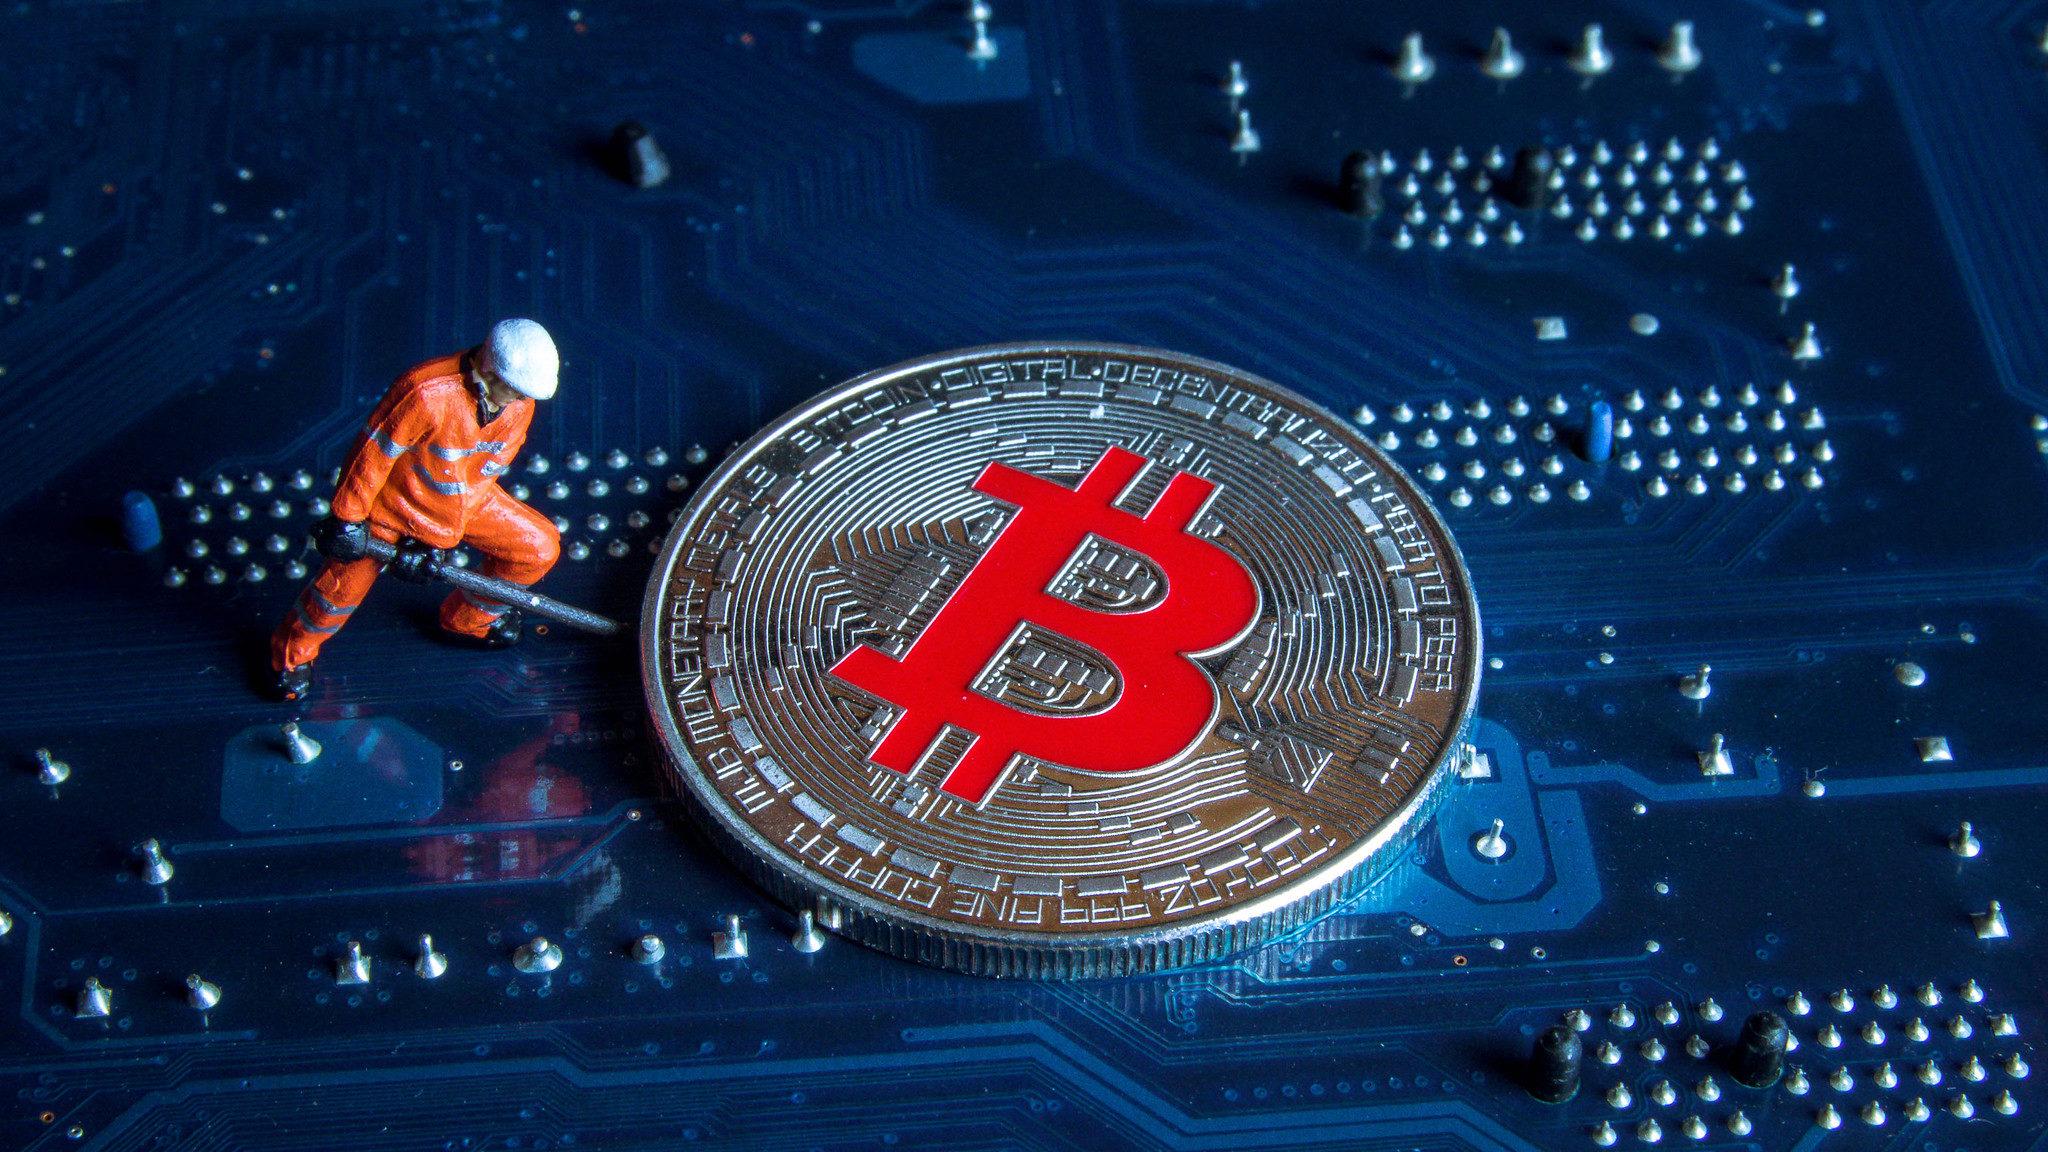 criptovalute emergenti come cambiare bitcoin a paypal